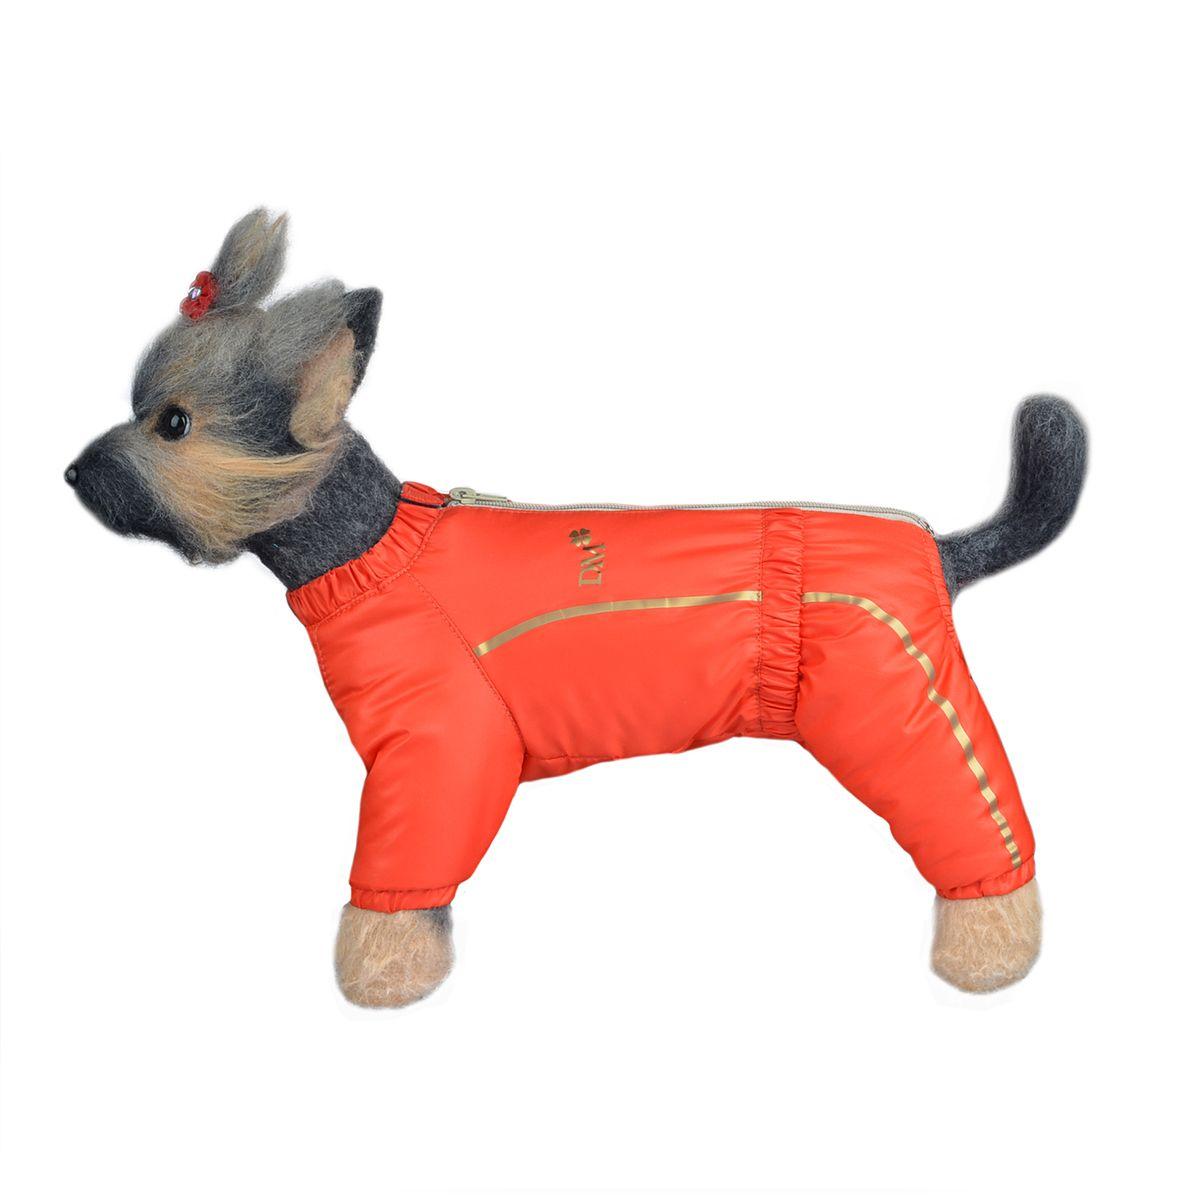 Комбинезон для собак Dogmoda Альпы, зимний, для девочки, цвет: оранжевый. Размер 4 (XL) комбинезоны для животных dogmoda комбинезон doggs active 70 сука